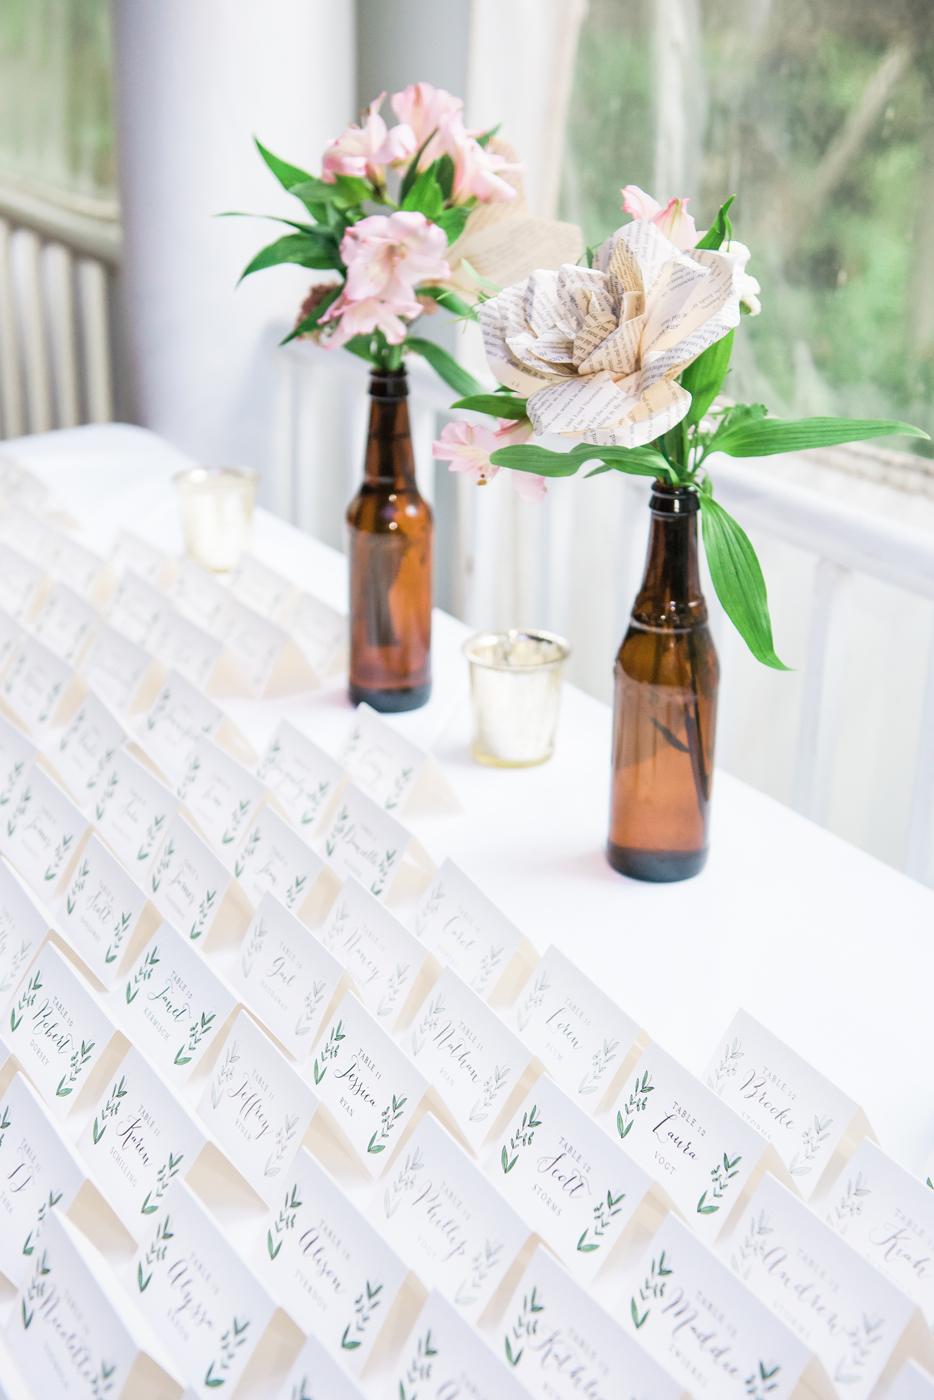 082-0335-jse-wedding-baltimore-4355